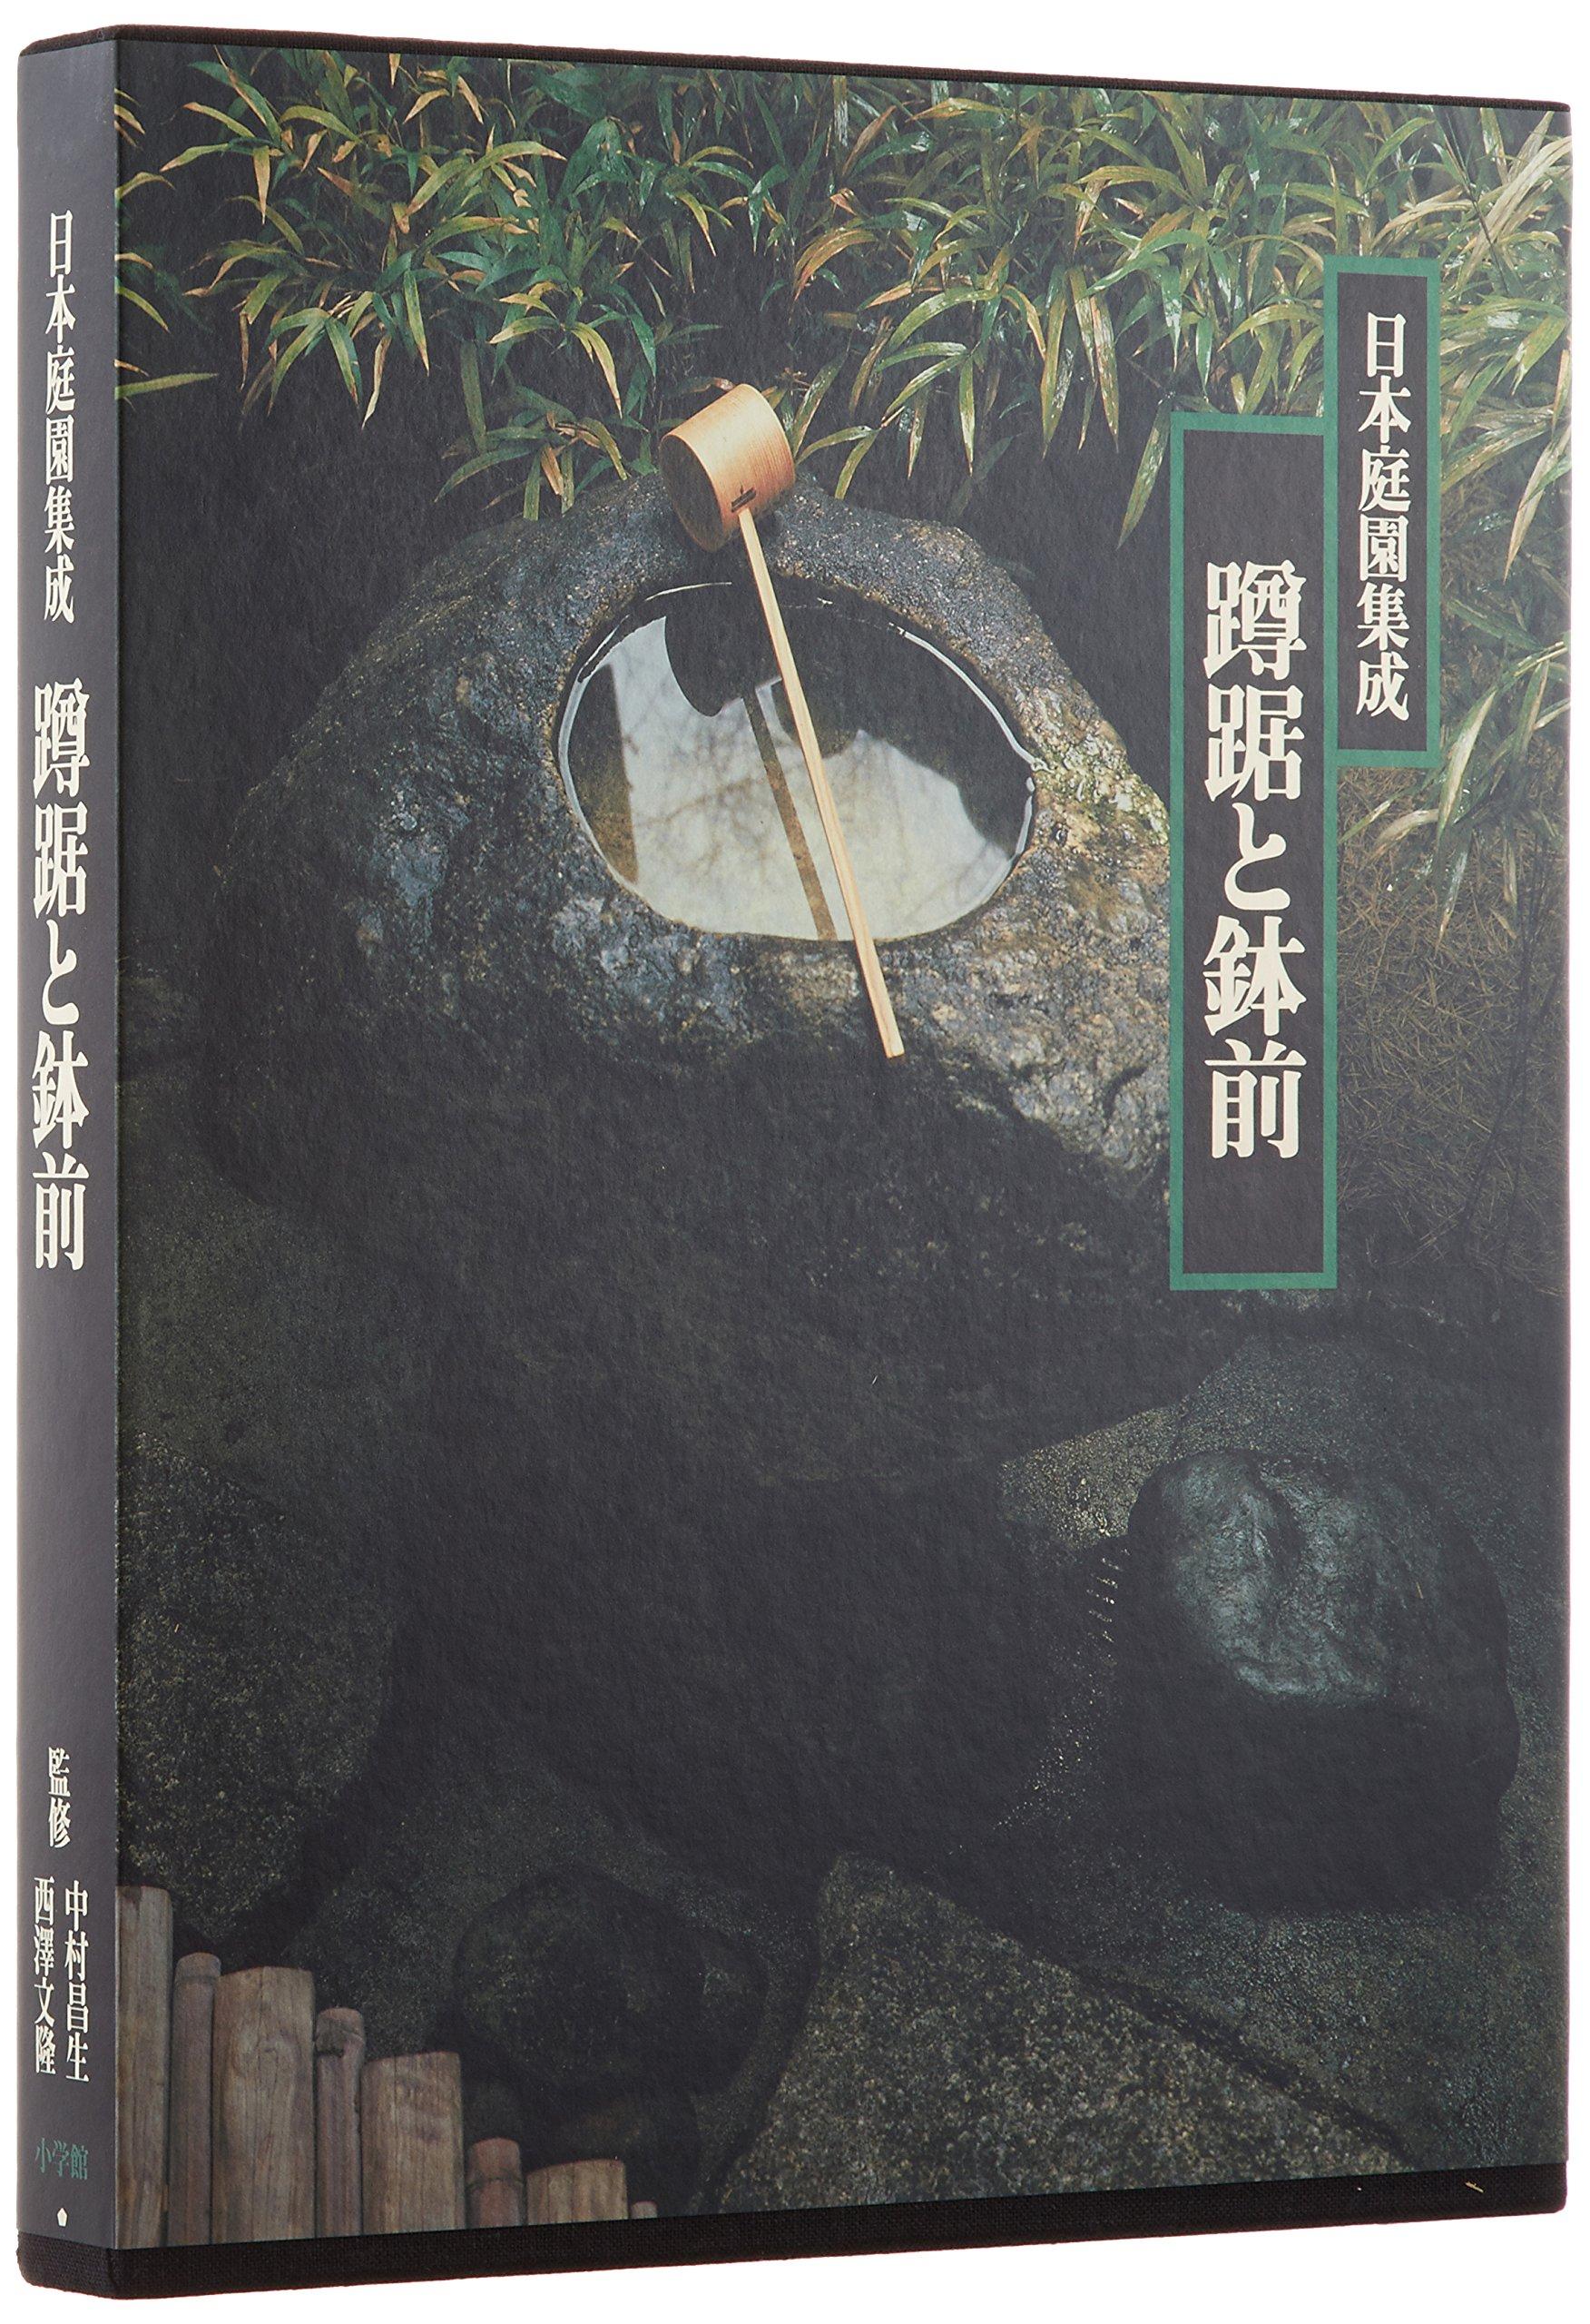 Tsukubai to hachimae (Nihon teien shūsei) (Japanese Edition)